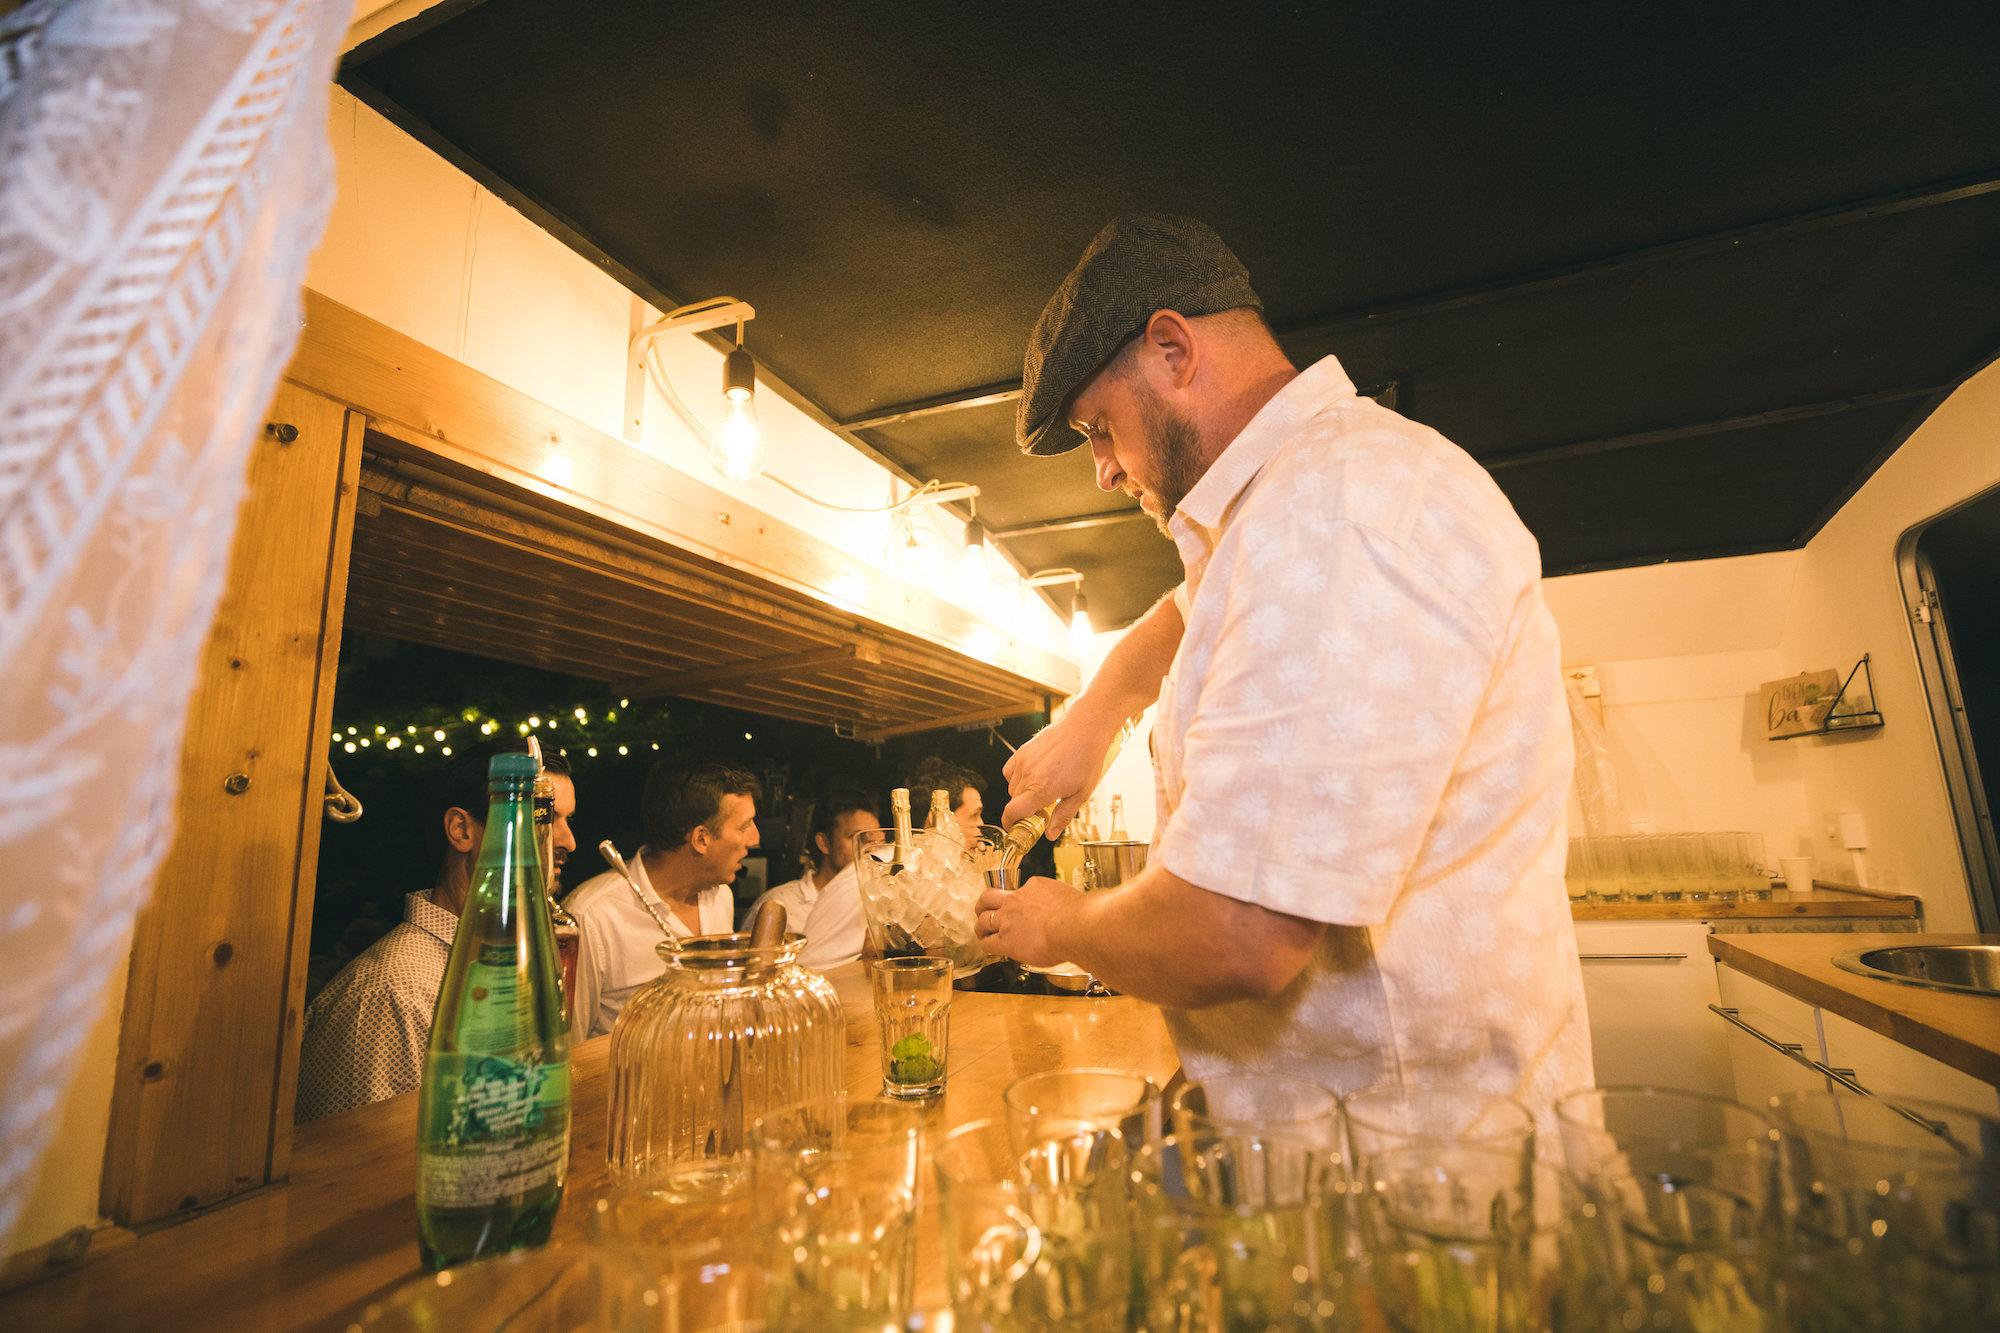 le coeur dans les etoiles - wedding planner - gard - provence - mariage provence - L&C - sebastien cabanes - bar a cocktails